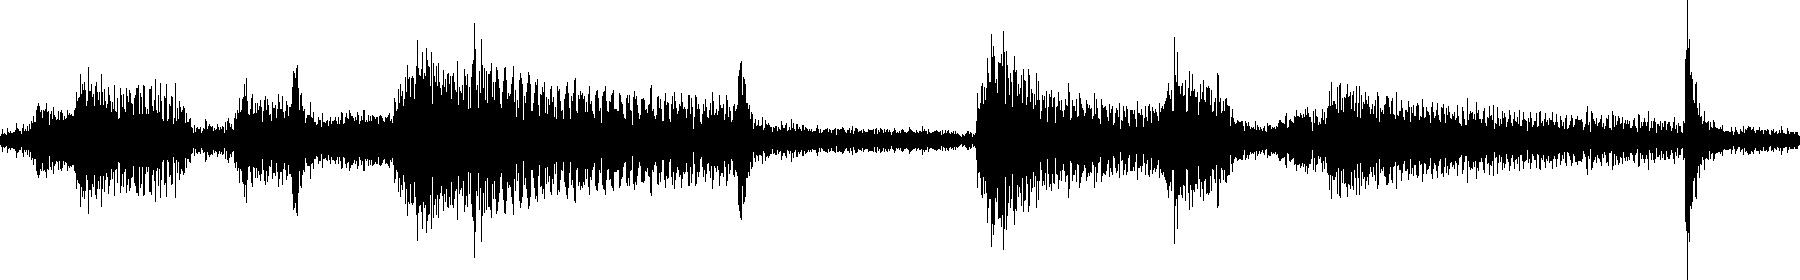 118 guitar loop g